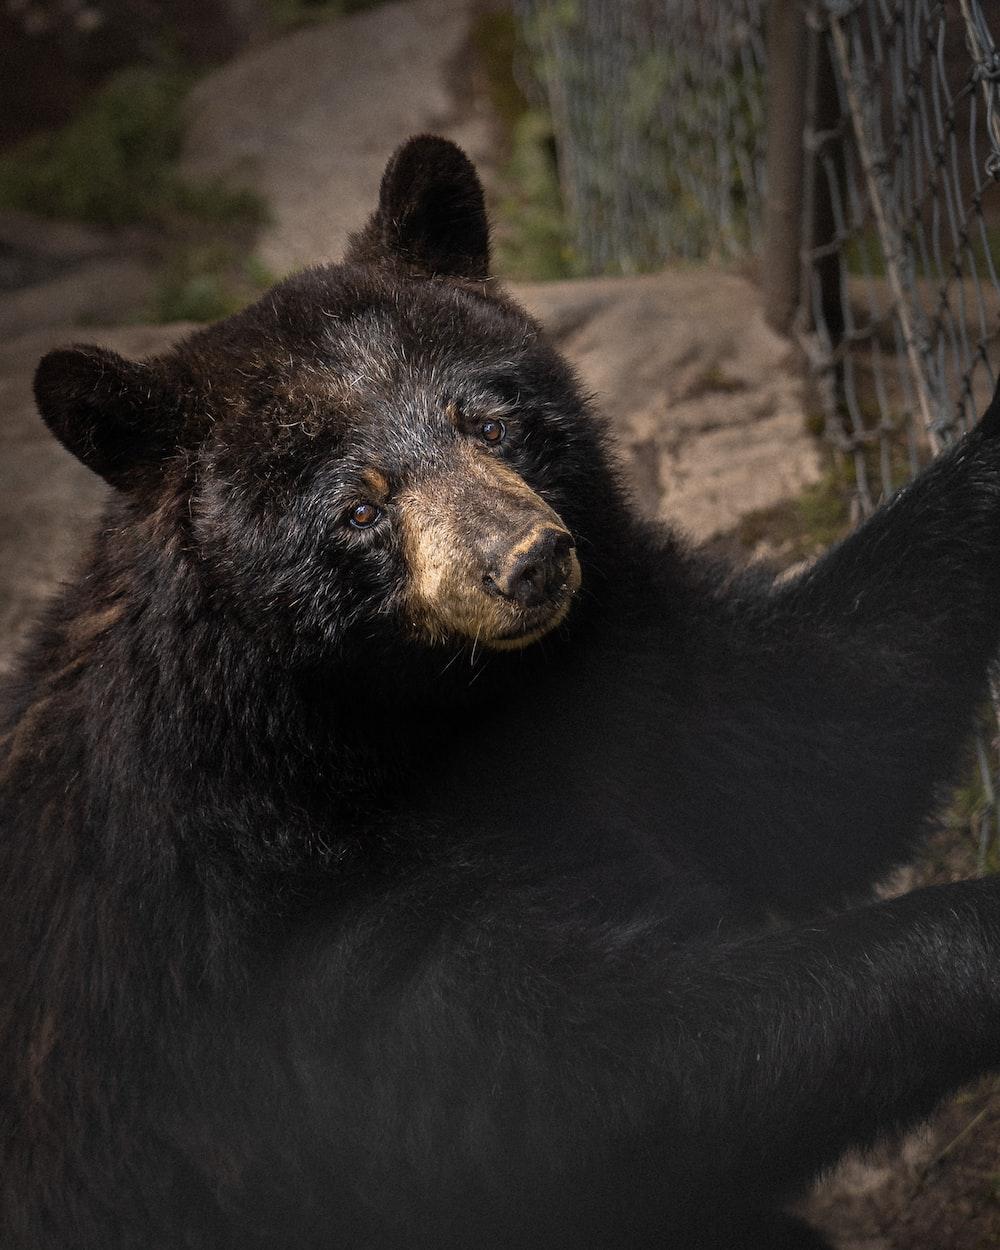 black bear on brown soil during daytime